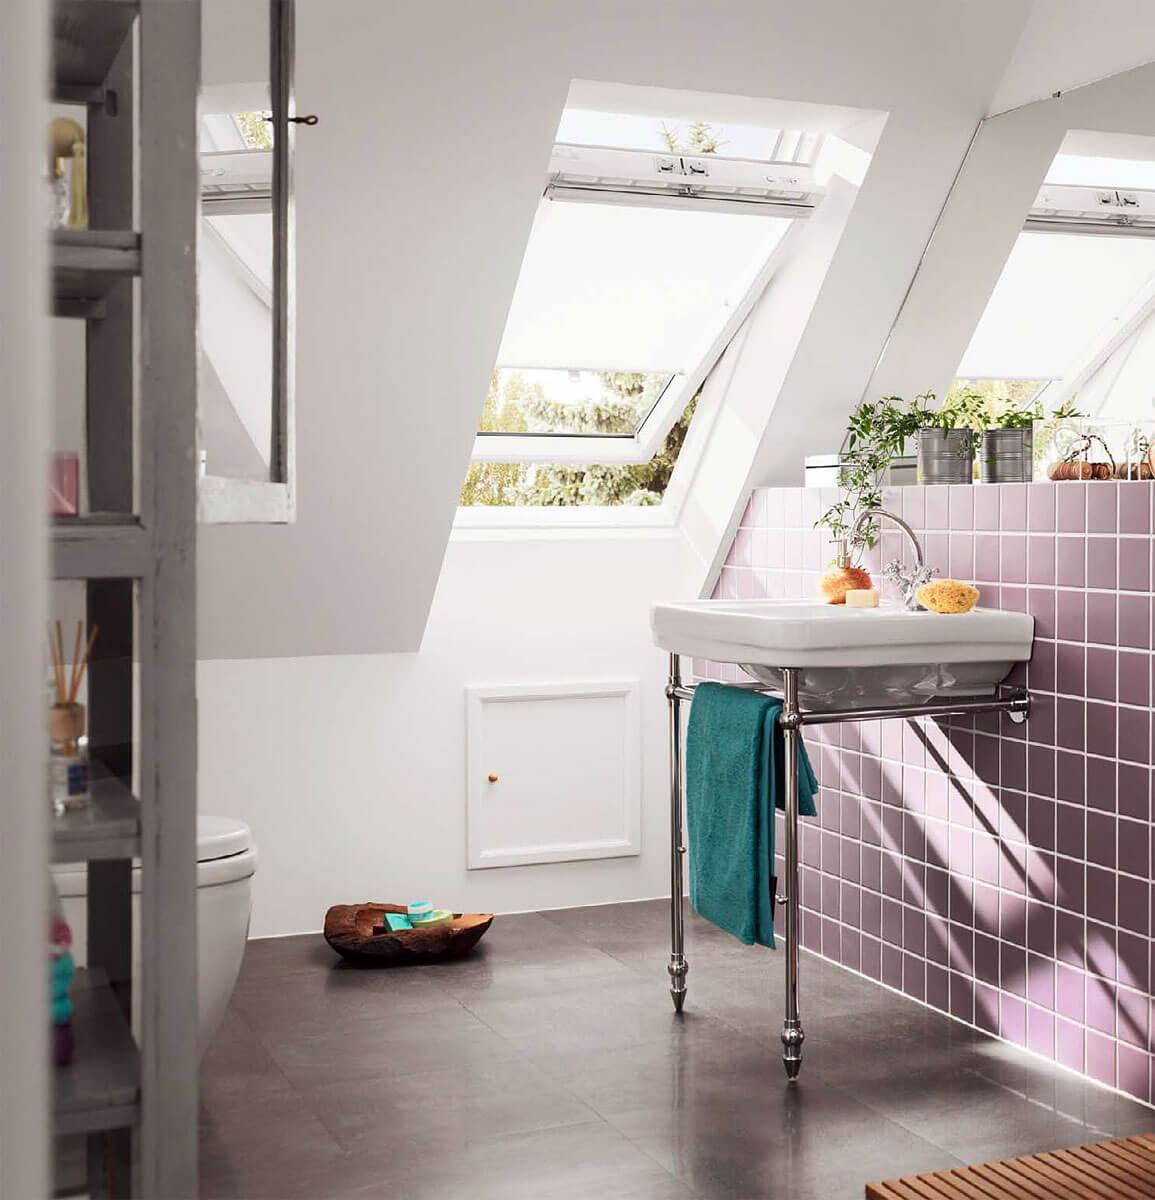 Okna dachowe - Wygodne otwieranie okien na poddaszu